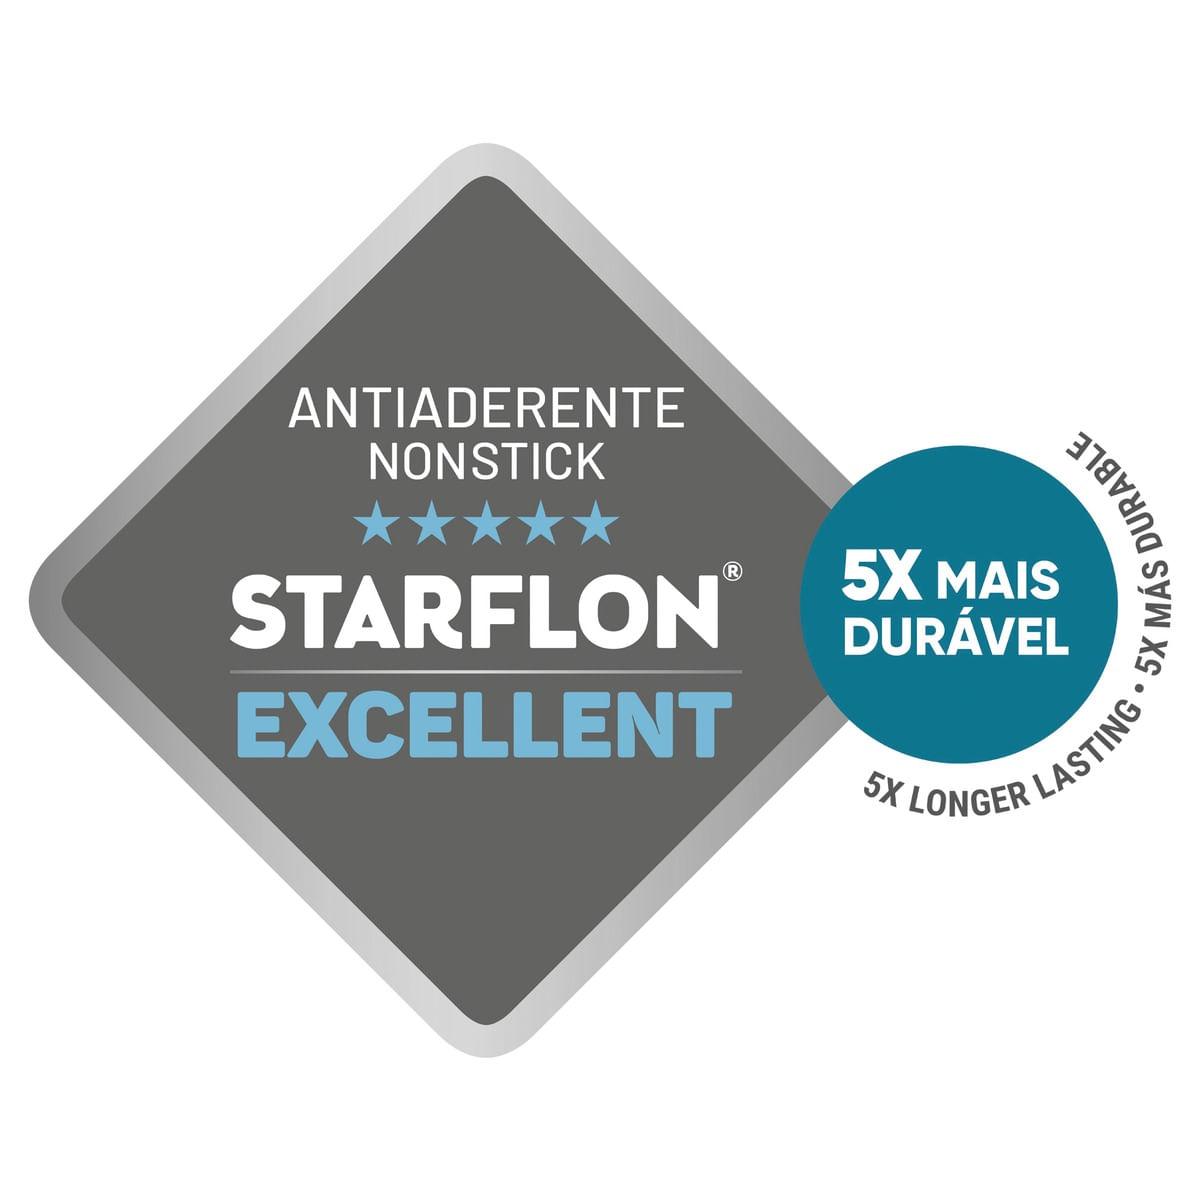 Jogo de Panelas Tramontina Sicília 5 Peças Avelã em Alumínio Antiaderente Starflon Excellent